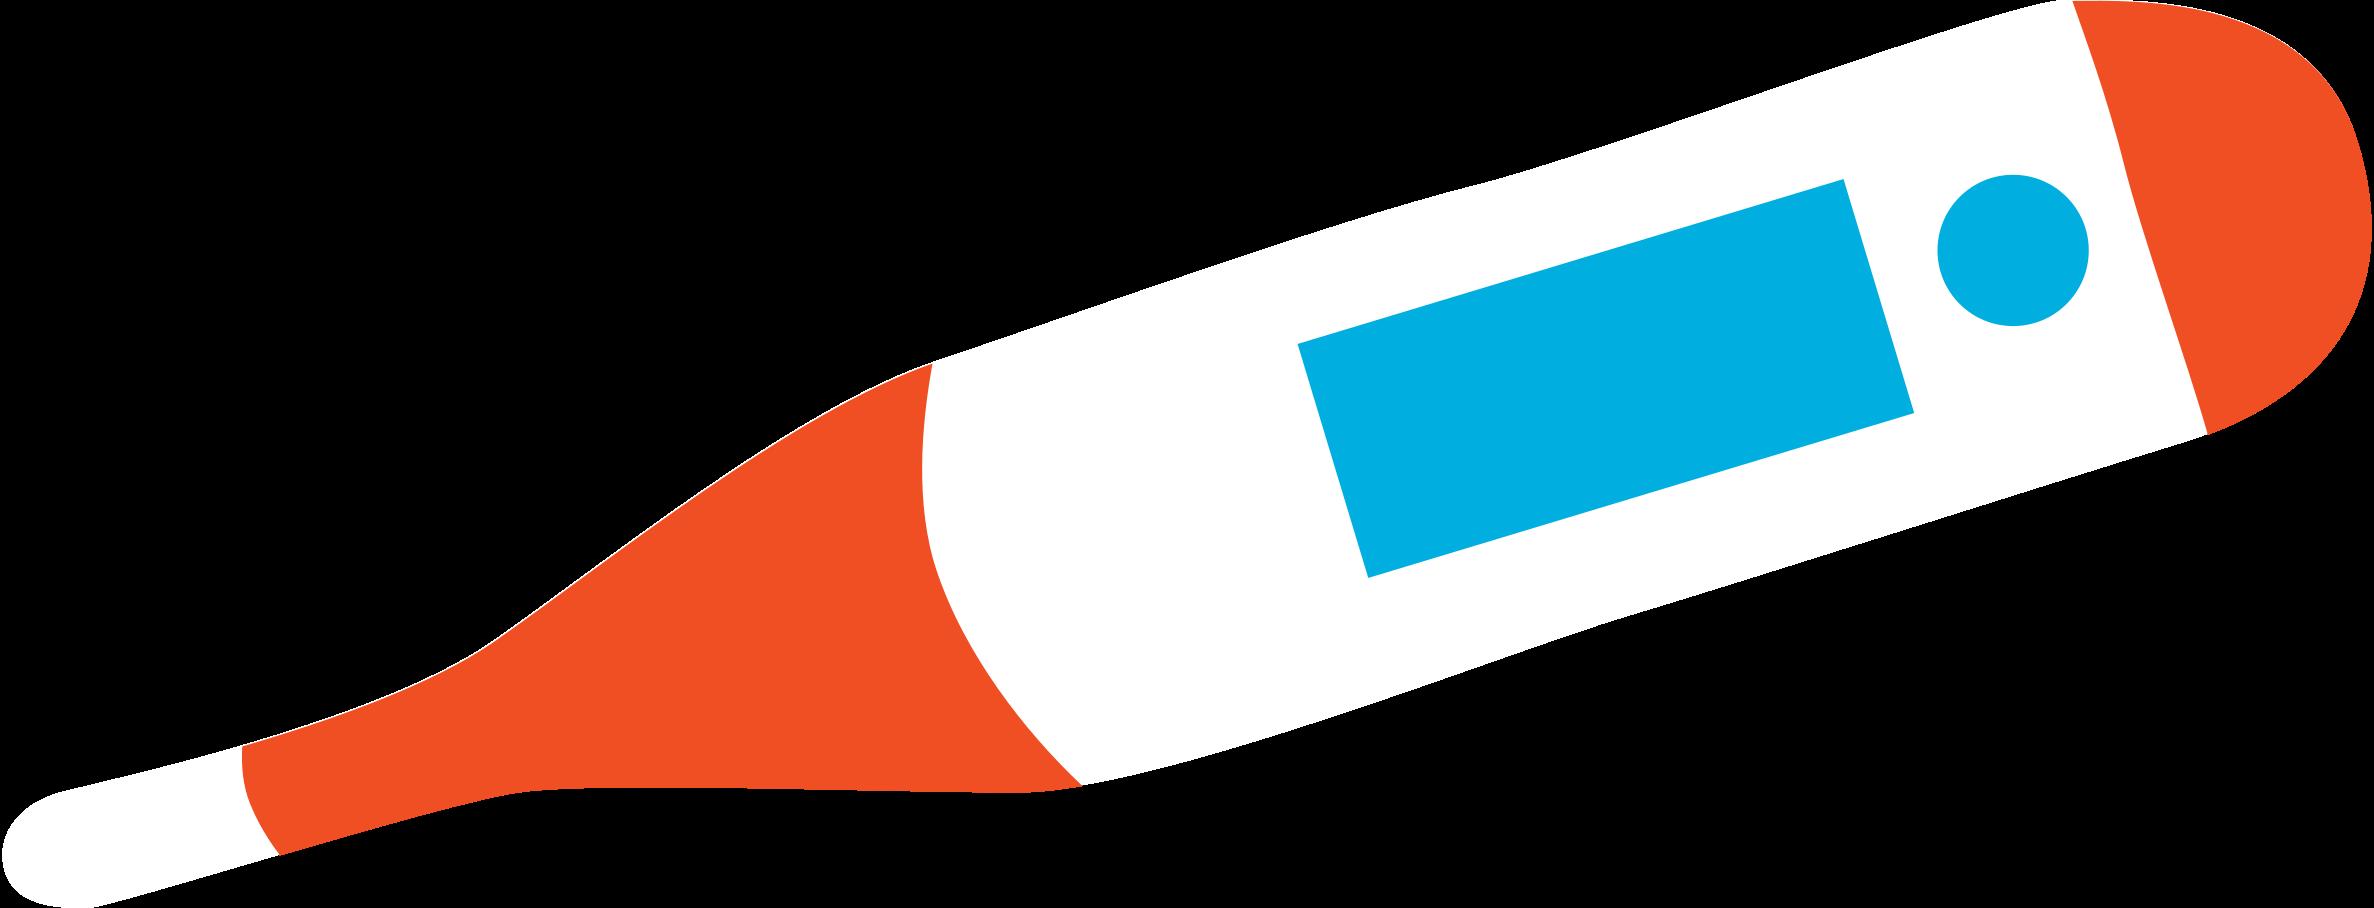 Ilustración de clipart de Termómetro en PNG, SVG